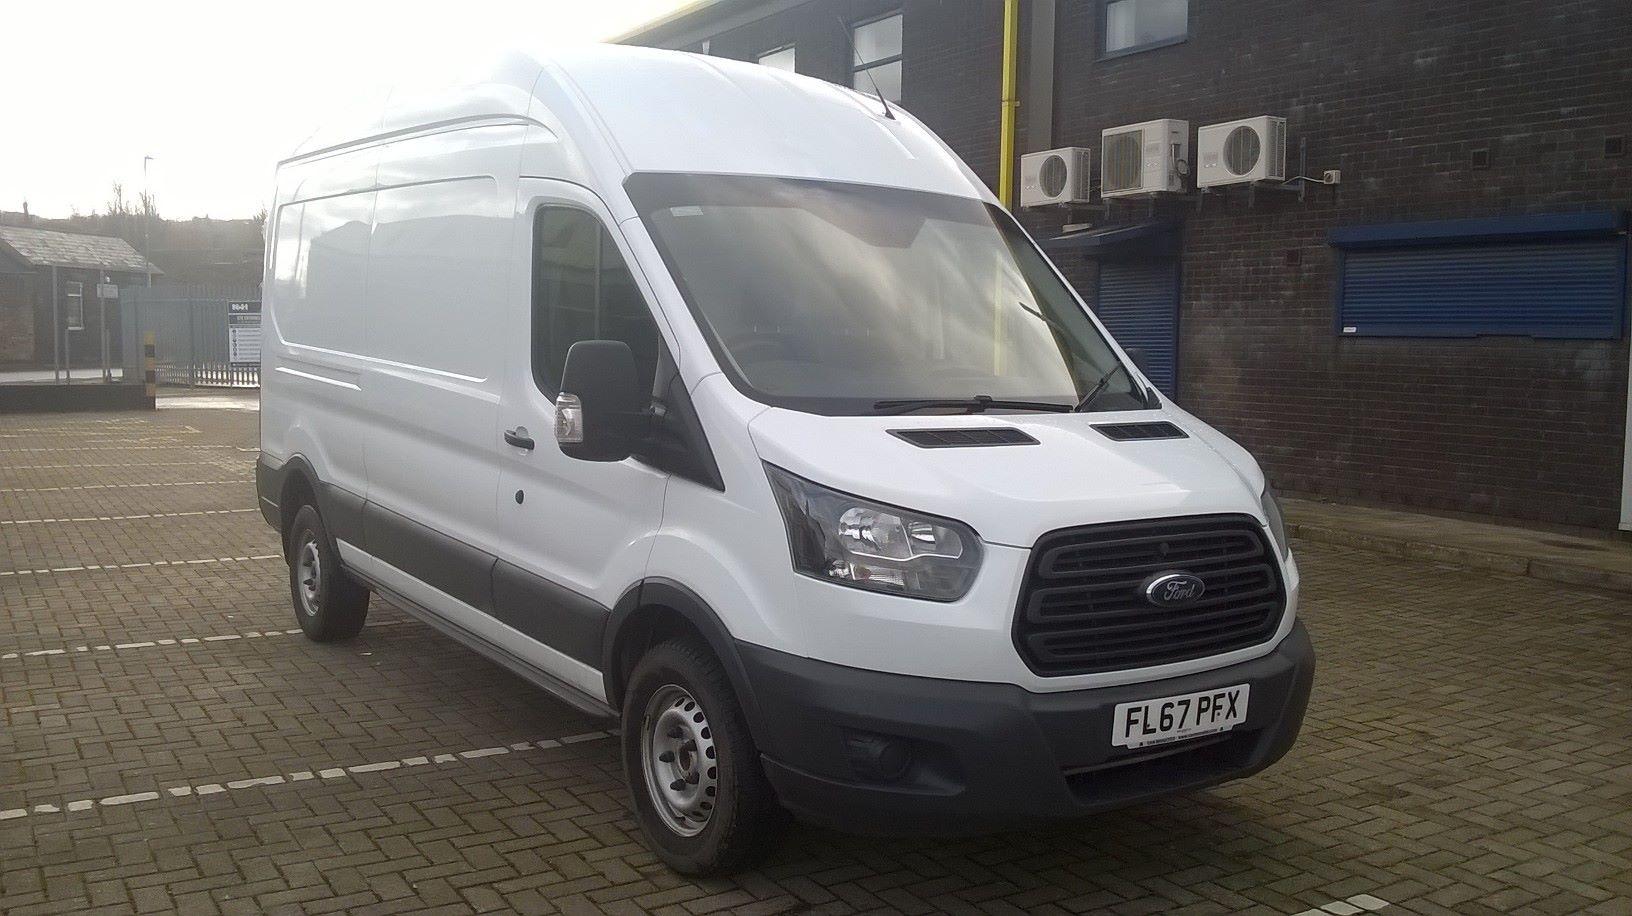 2017 Ford Transit L3 H3 VAN 130PS EURO 6 (FL67PFX)